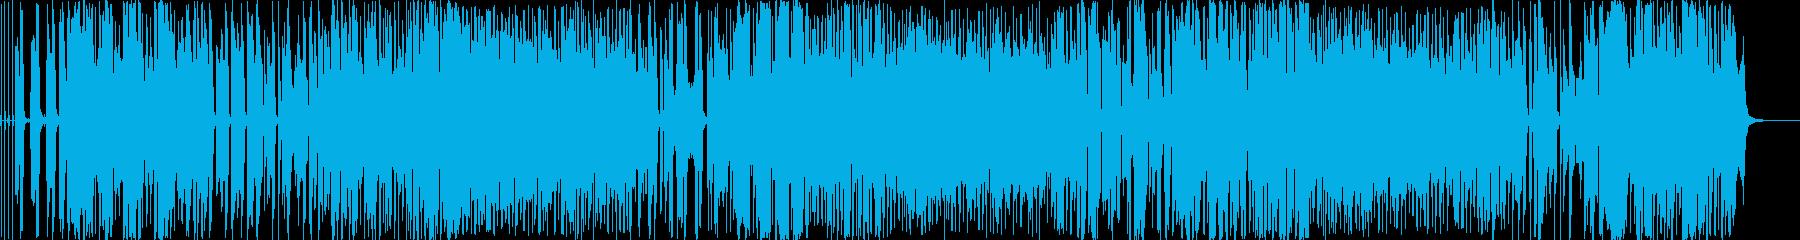 ロックとディストーション。の再生済みの波形